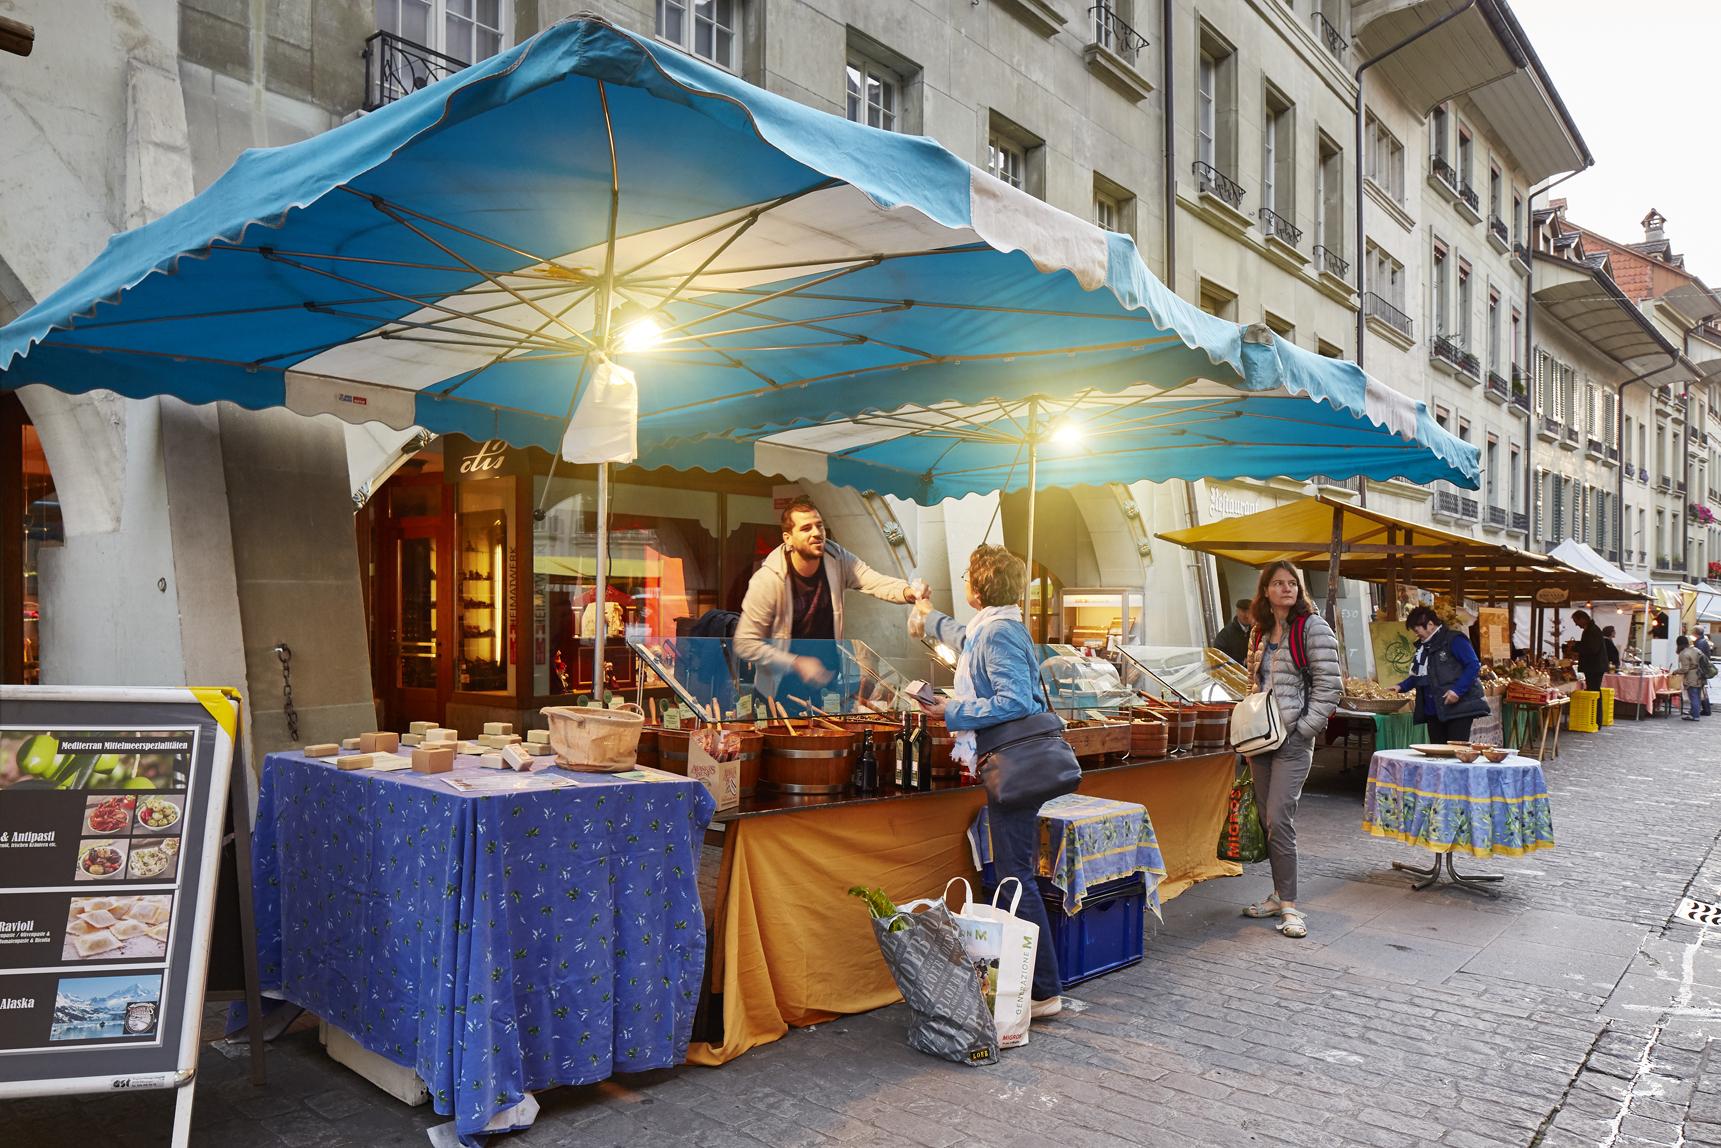 fb1fcfc05b ... generi alimentari, fiori e merci di vario genere, vengono prodotti  nella regione di Berna e giungono freschi sulle bancarelle del mercato  settimanale.